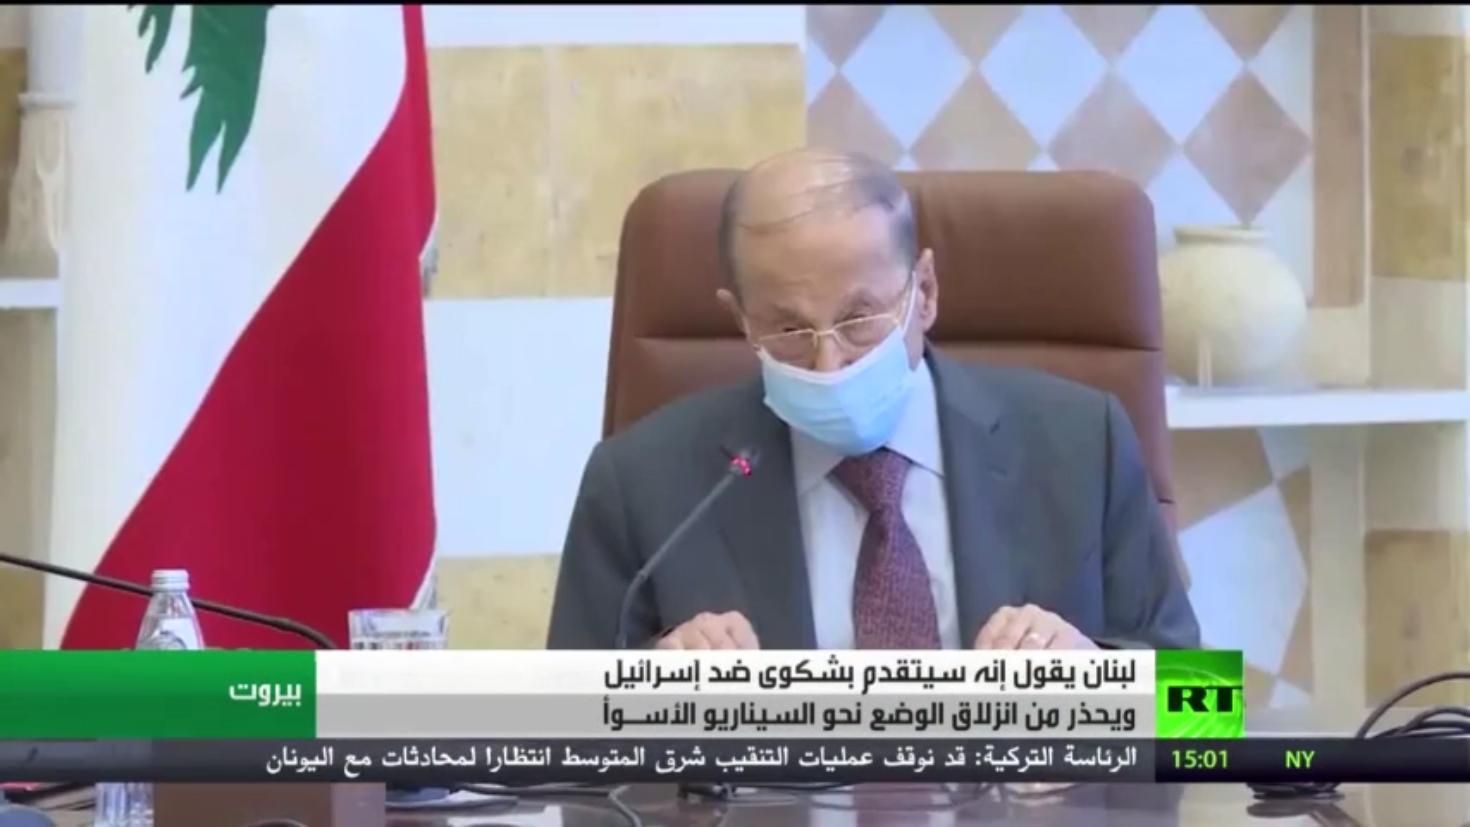 لبنان يشكو إسرائيل إلى الأمم المتحدة